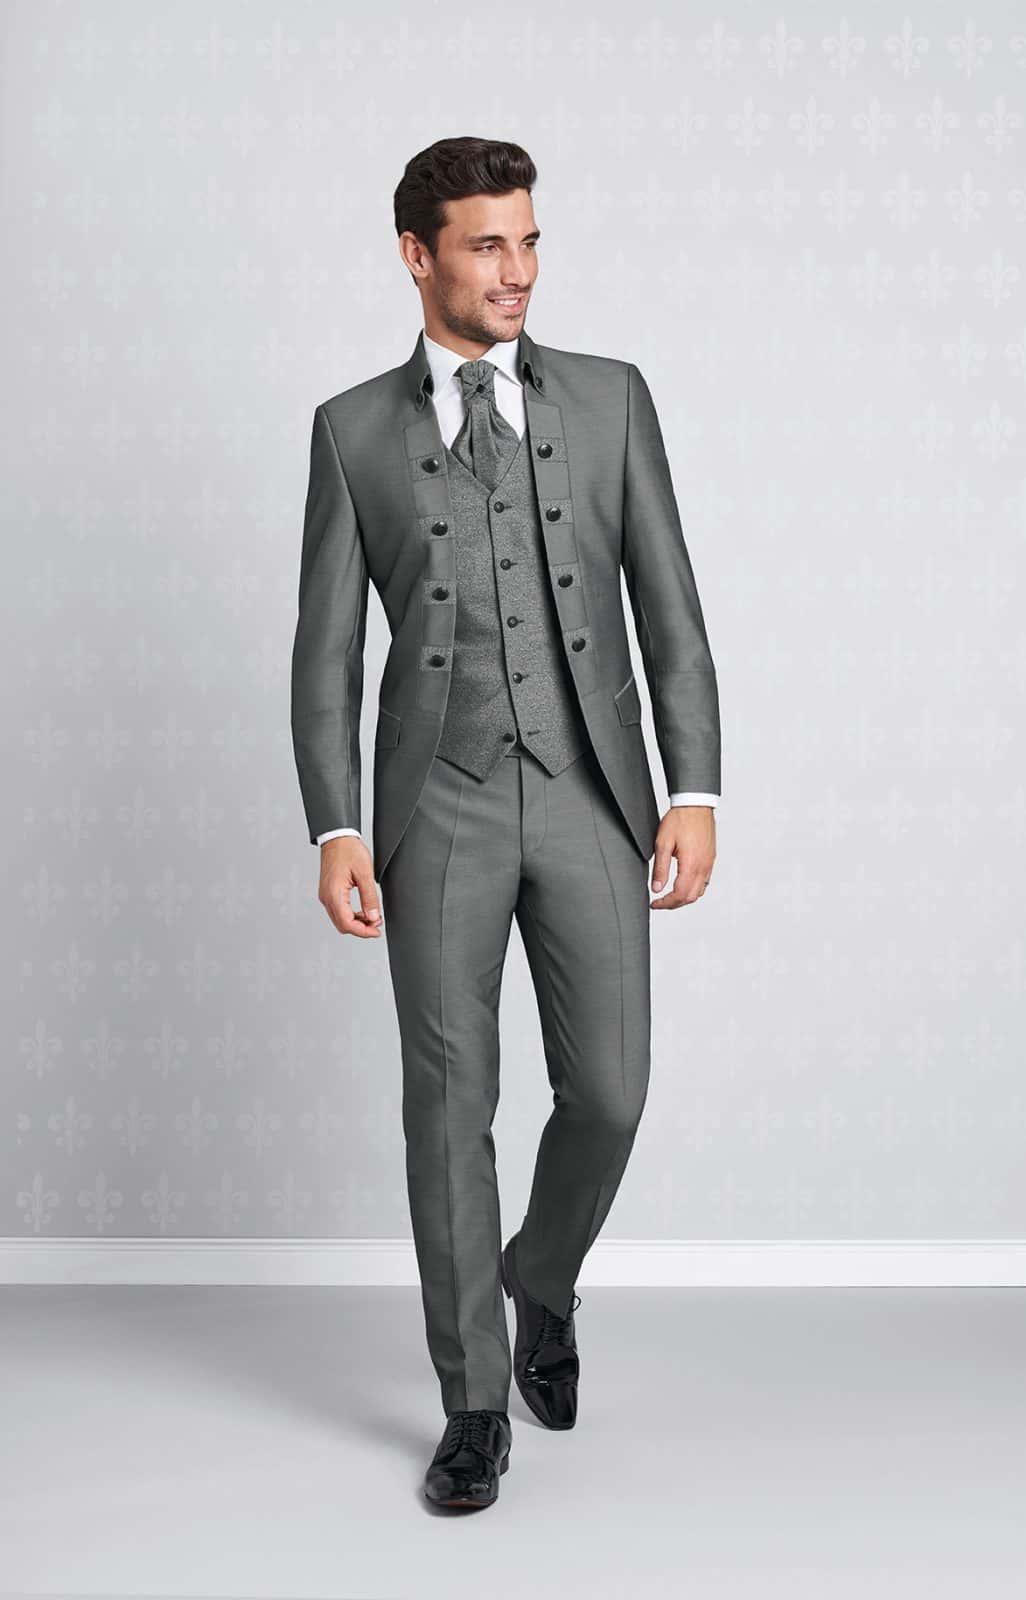 Wilvorst Hochzeitsanzüge Bräutigam Mode Herren Anzug I